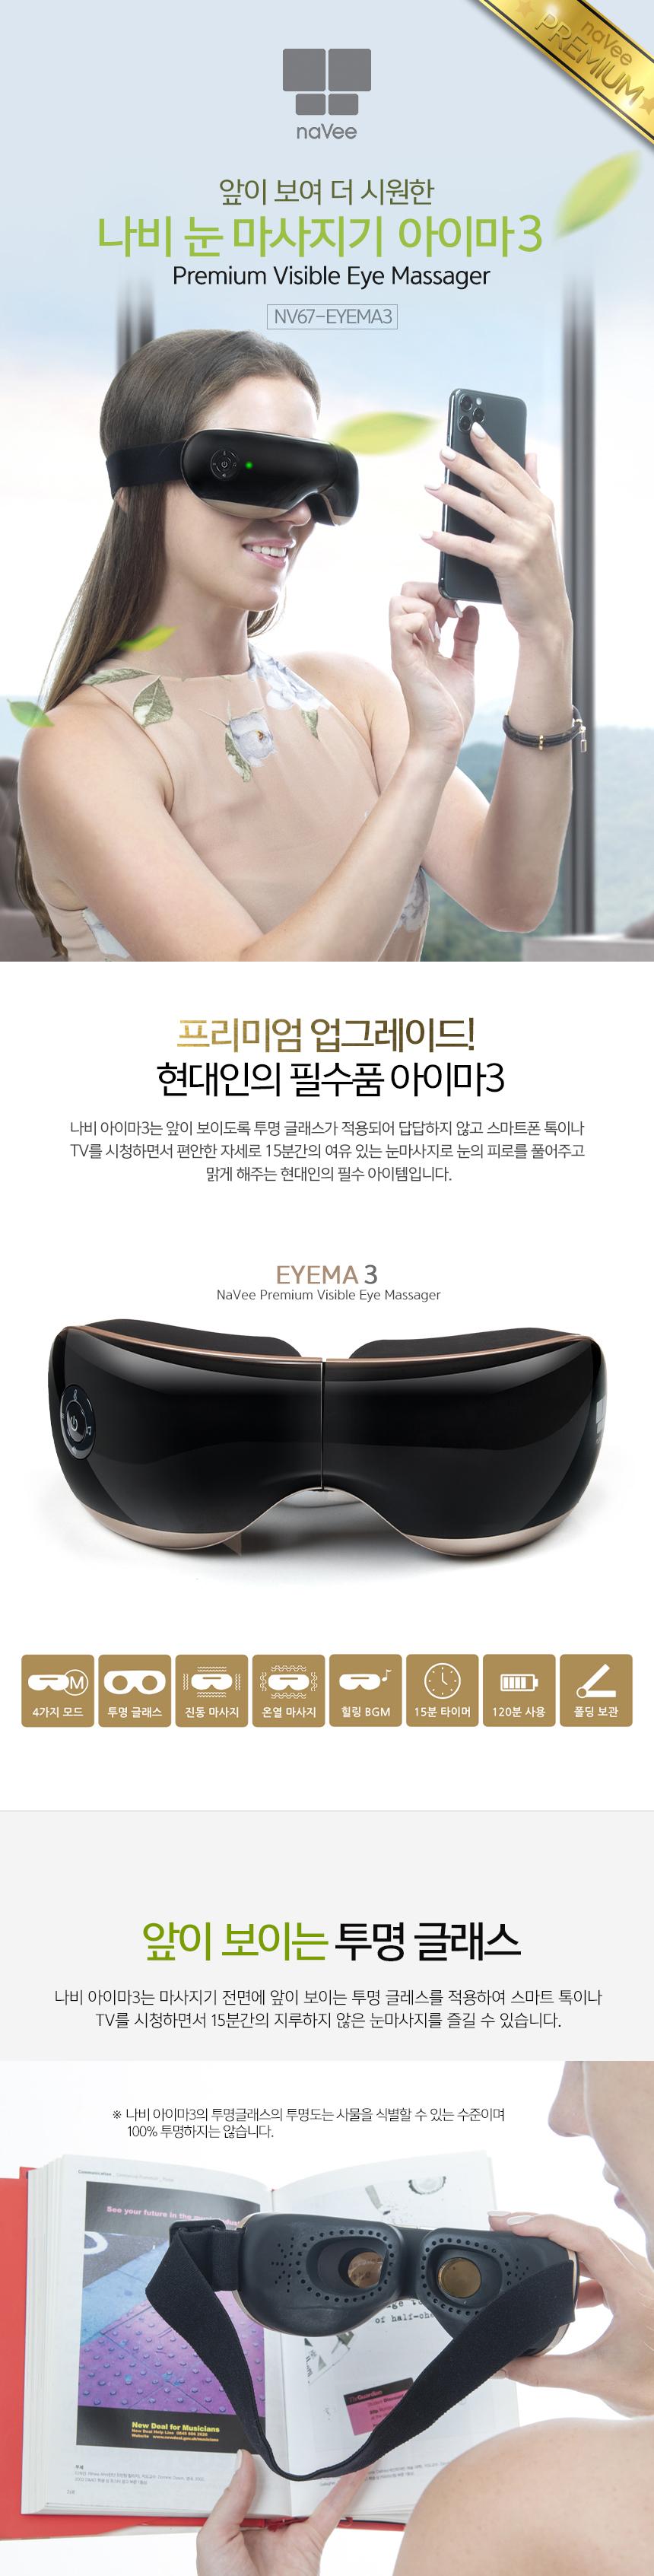 청연MnS 청연MnS 나비 아이마3 NV67-EYEMA3